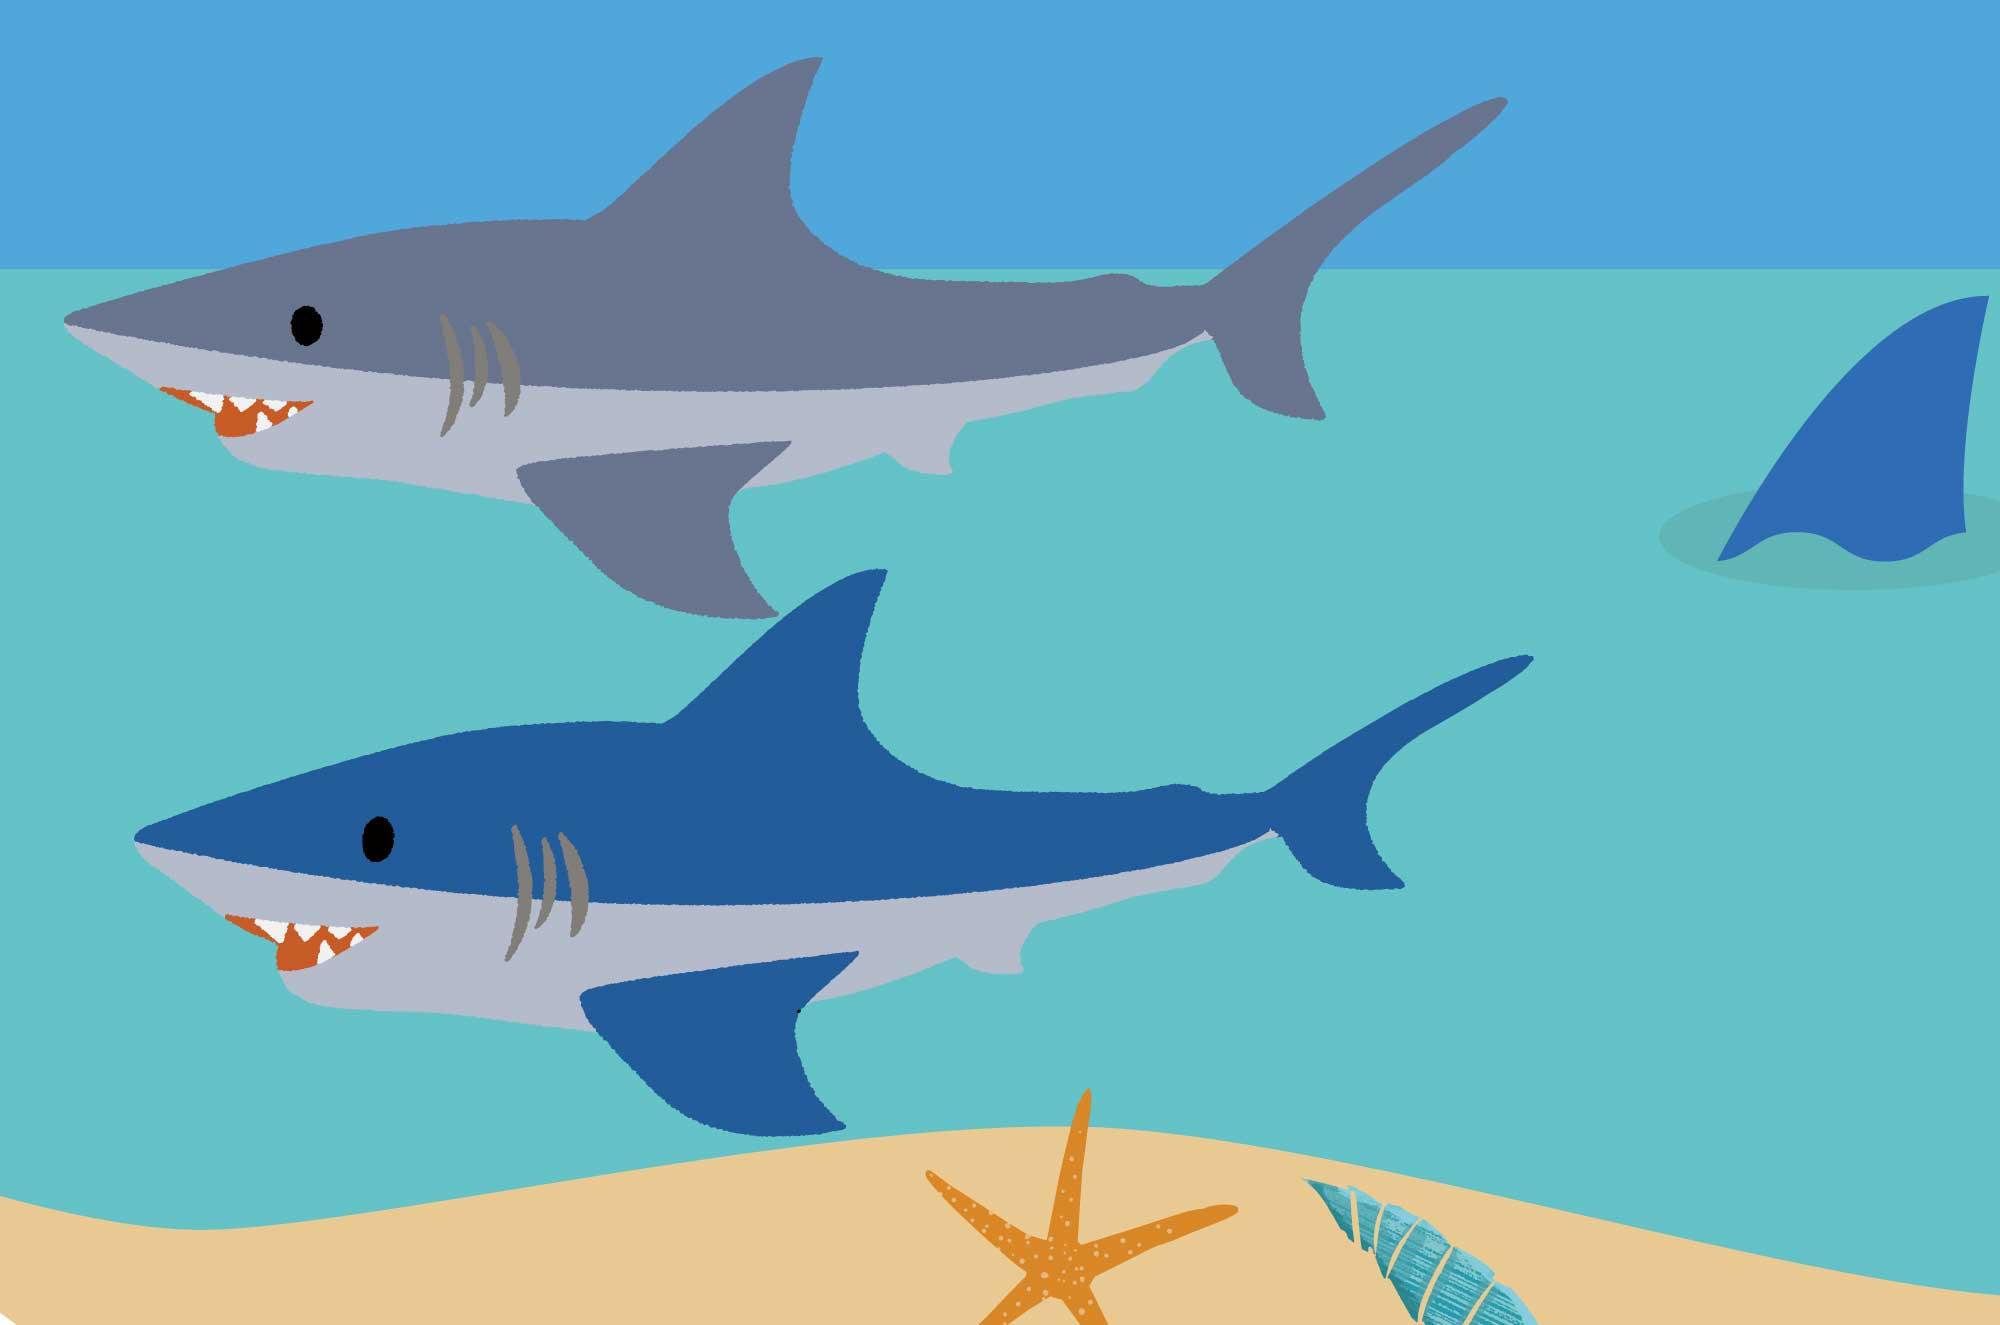 サメのイラスト - ビーチとジョーズの可愛い無料素材